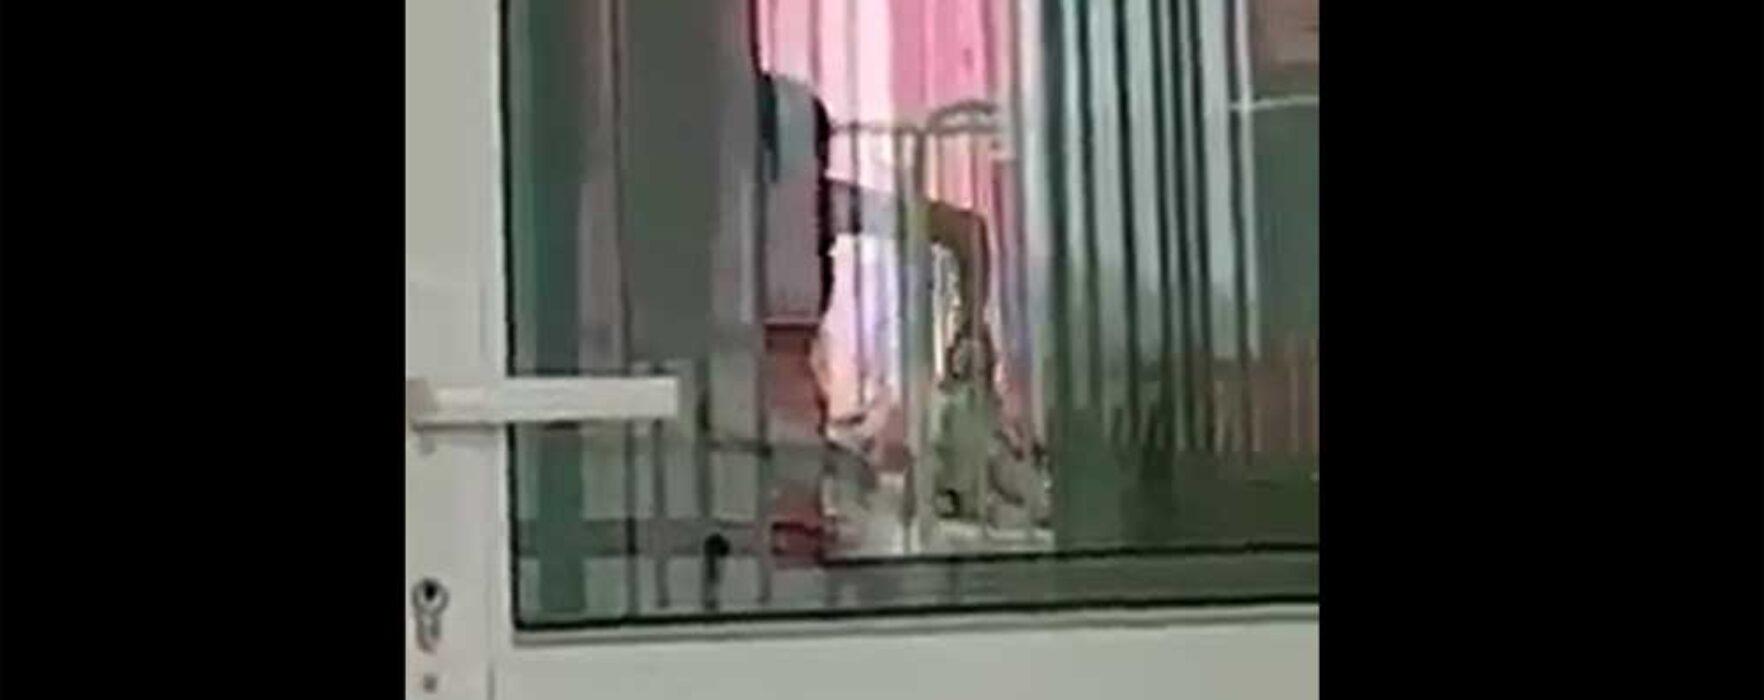 Asistentă de la Spitalul Judeţean Târgovişte suspectată că ar fi bruscat un bebeluş